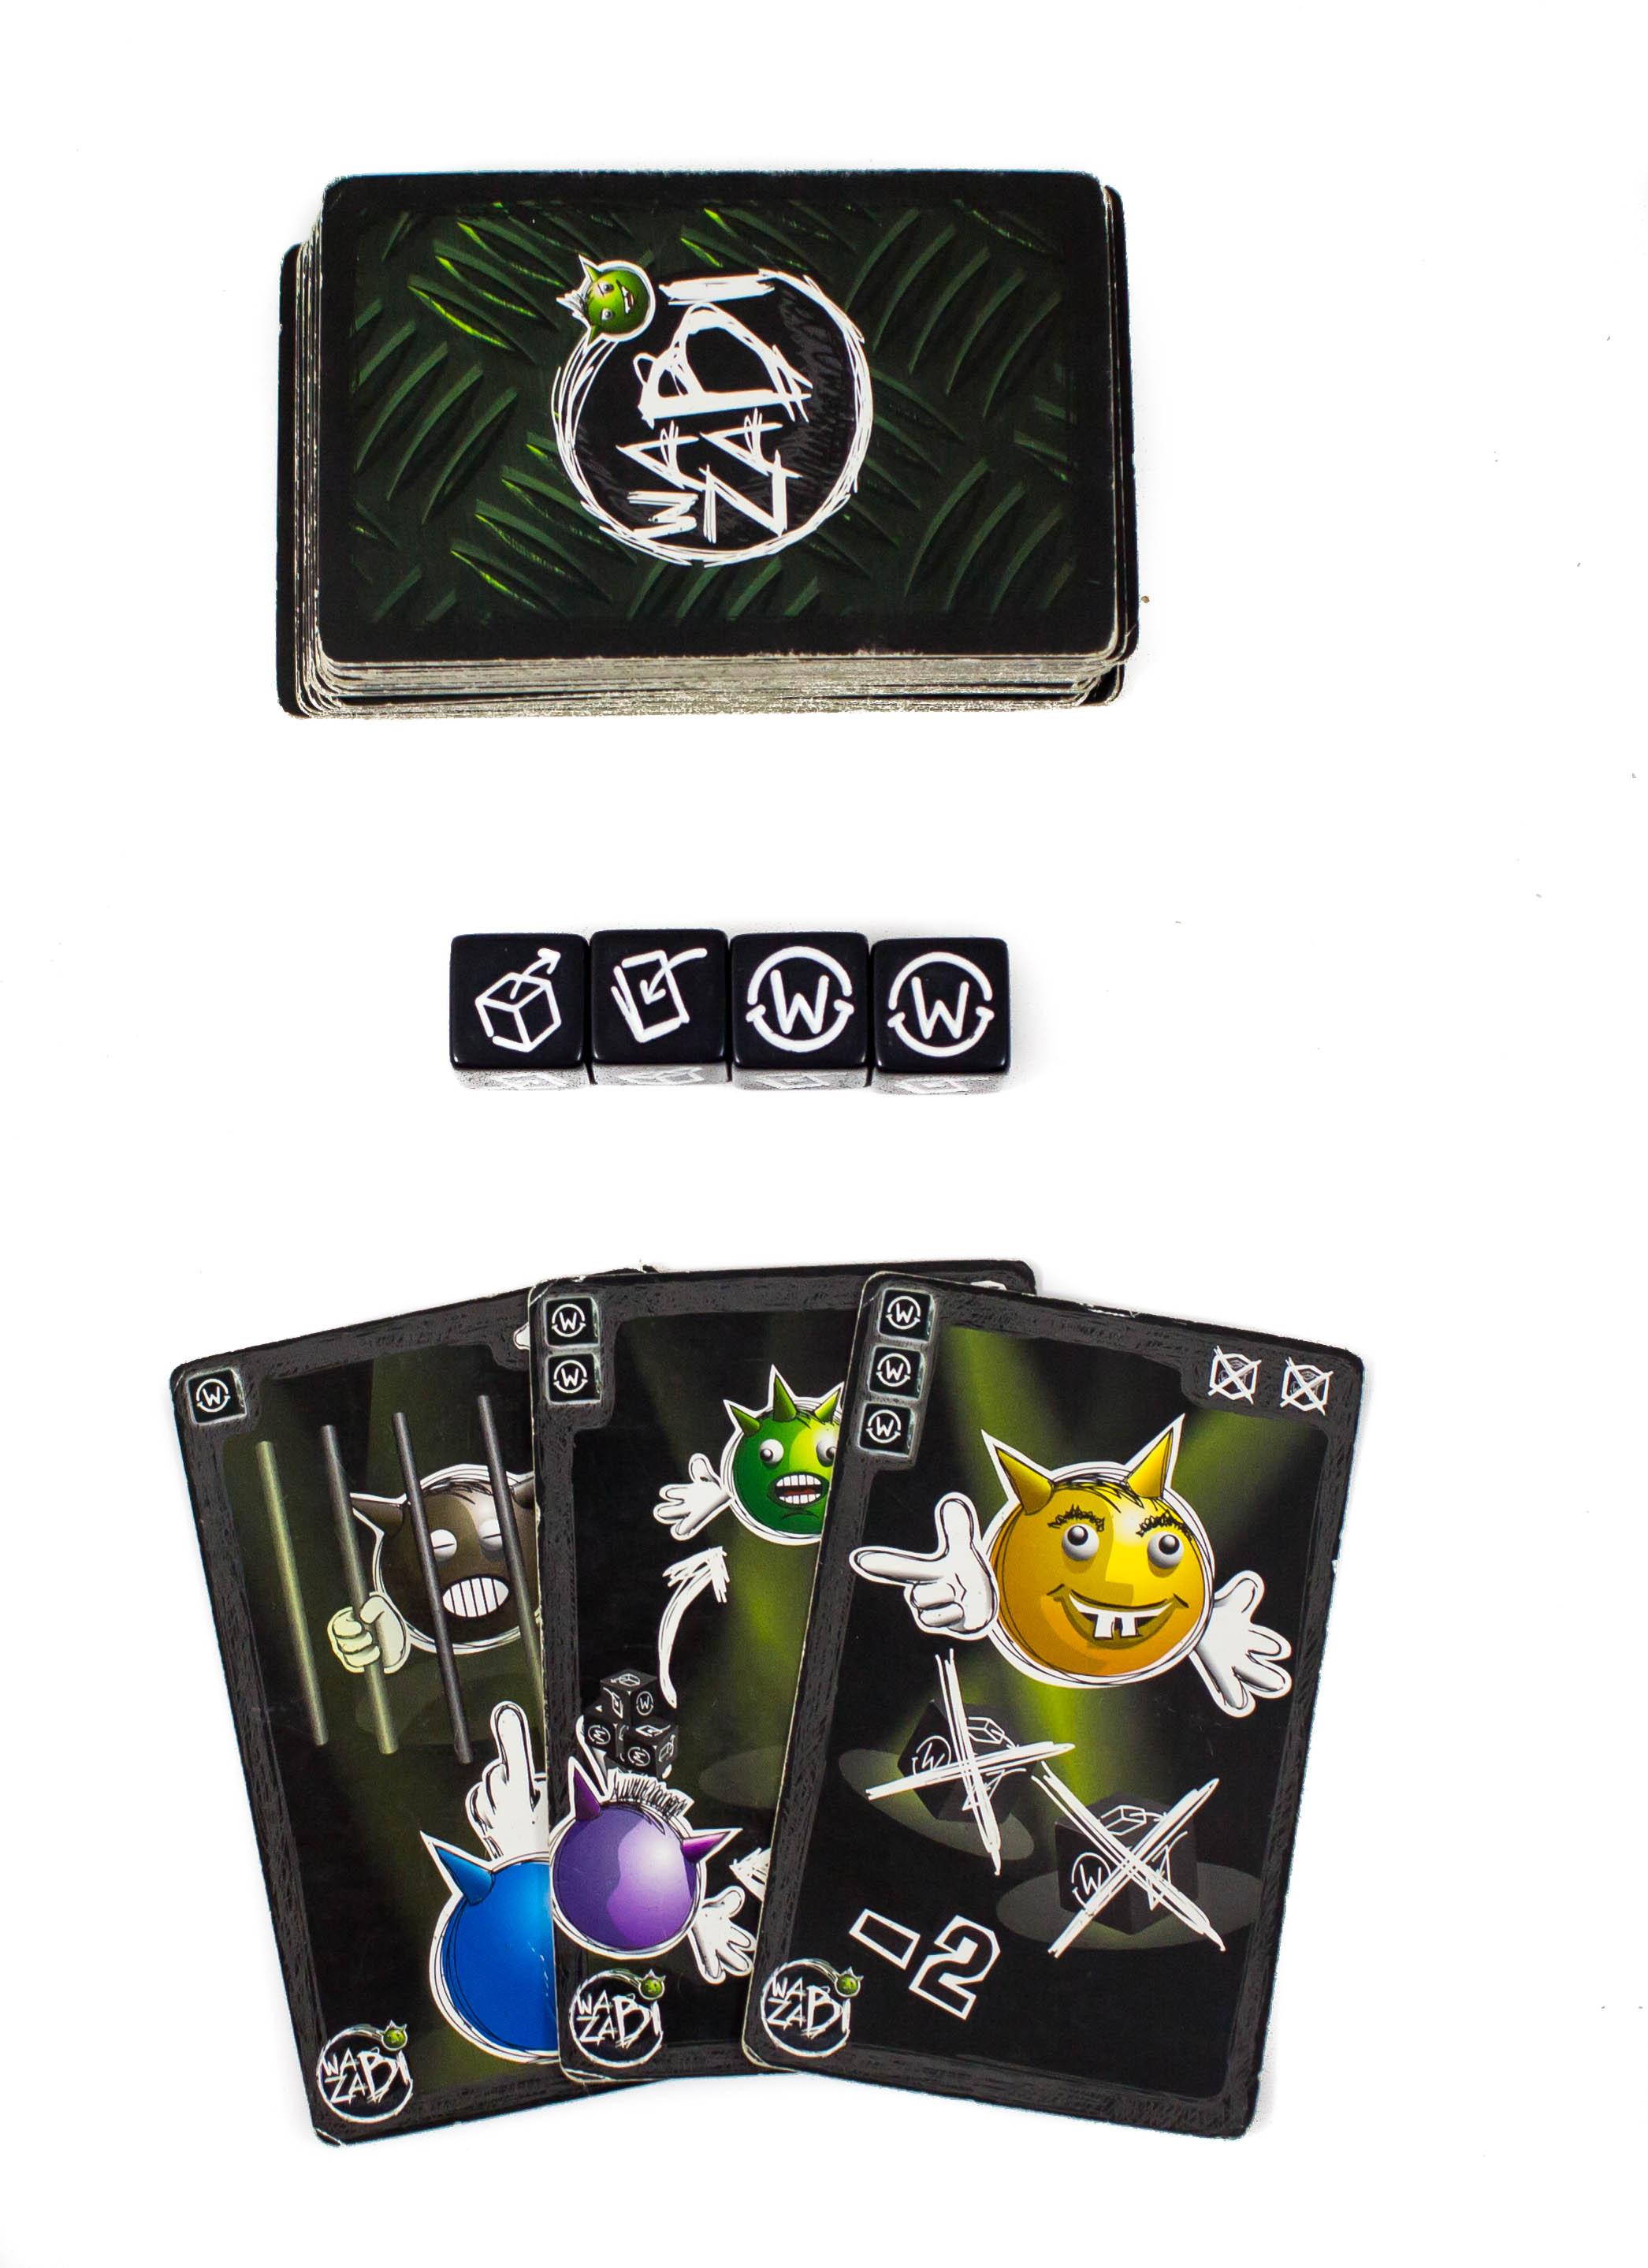 A kockák, amelyektől meg kell szabadulni. Aki kocka szimbolumot dob, átadhatja egy másik játékosnak a saját kockáját, aki lapot dob, az húz egyet a pakliból. A W wazabi jelért pedig felhasználhatjuk valamelyik kártyának. A lapok sarkában látható, hogy mennyi wazabiba kerülnek. Mindegyik kártya mást tud. Van, amelyik az ellenfelet zárja ki egy körből és olyan is, ami minket segít: visszatehetünk 1 v. 2 kockát a dobozban.